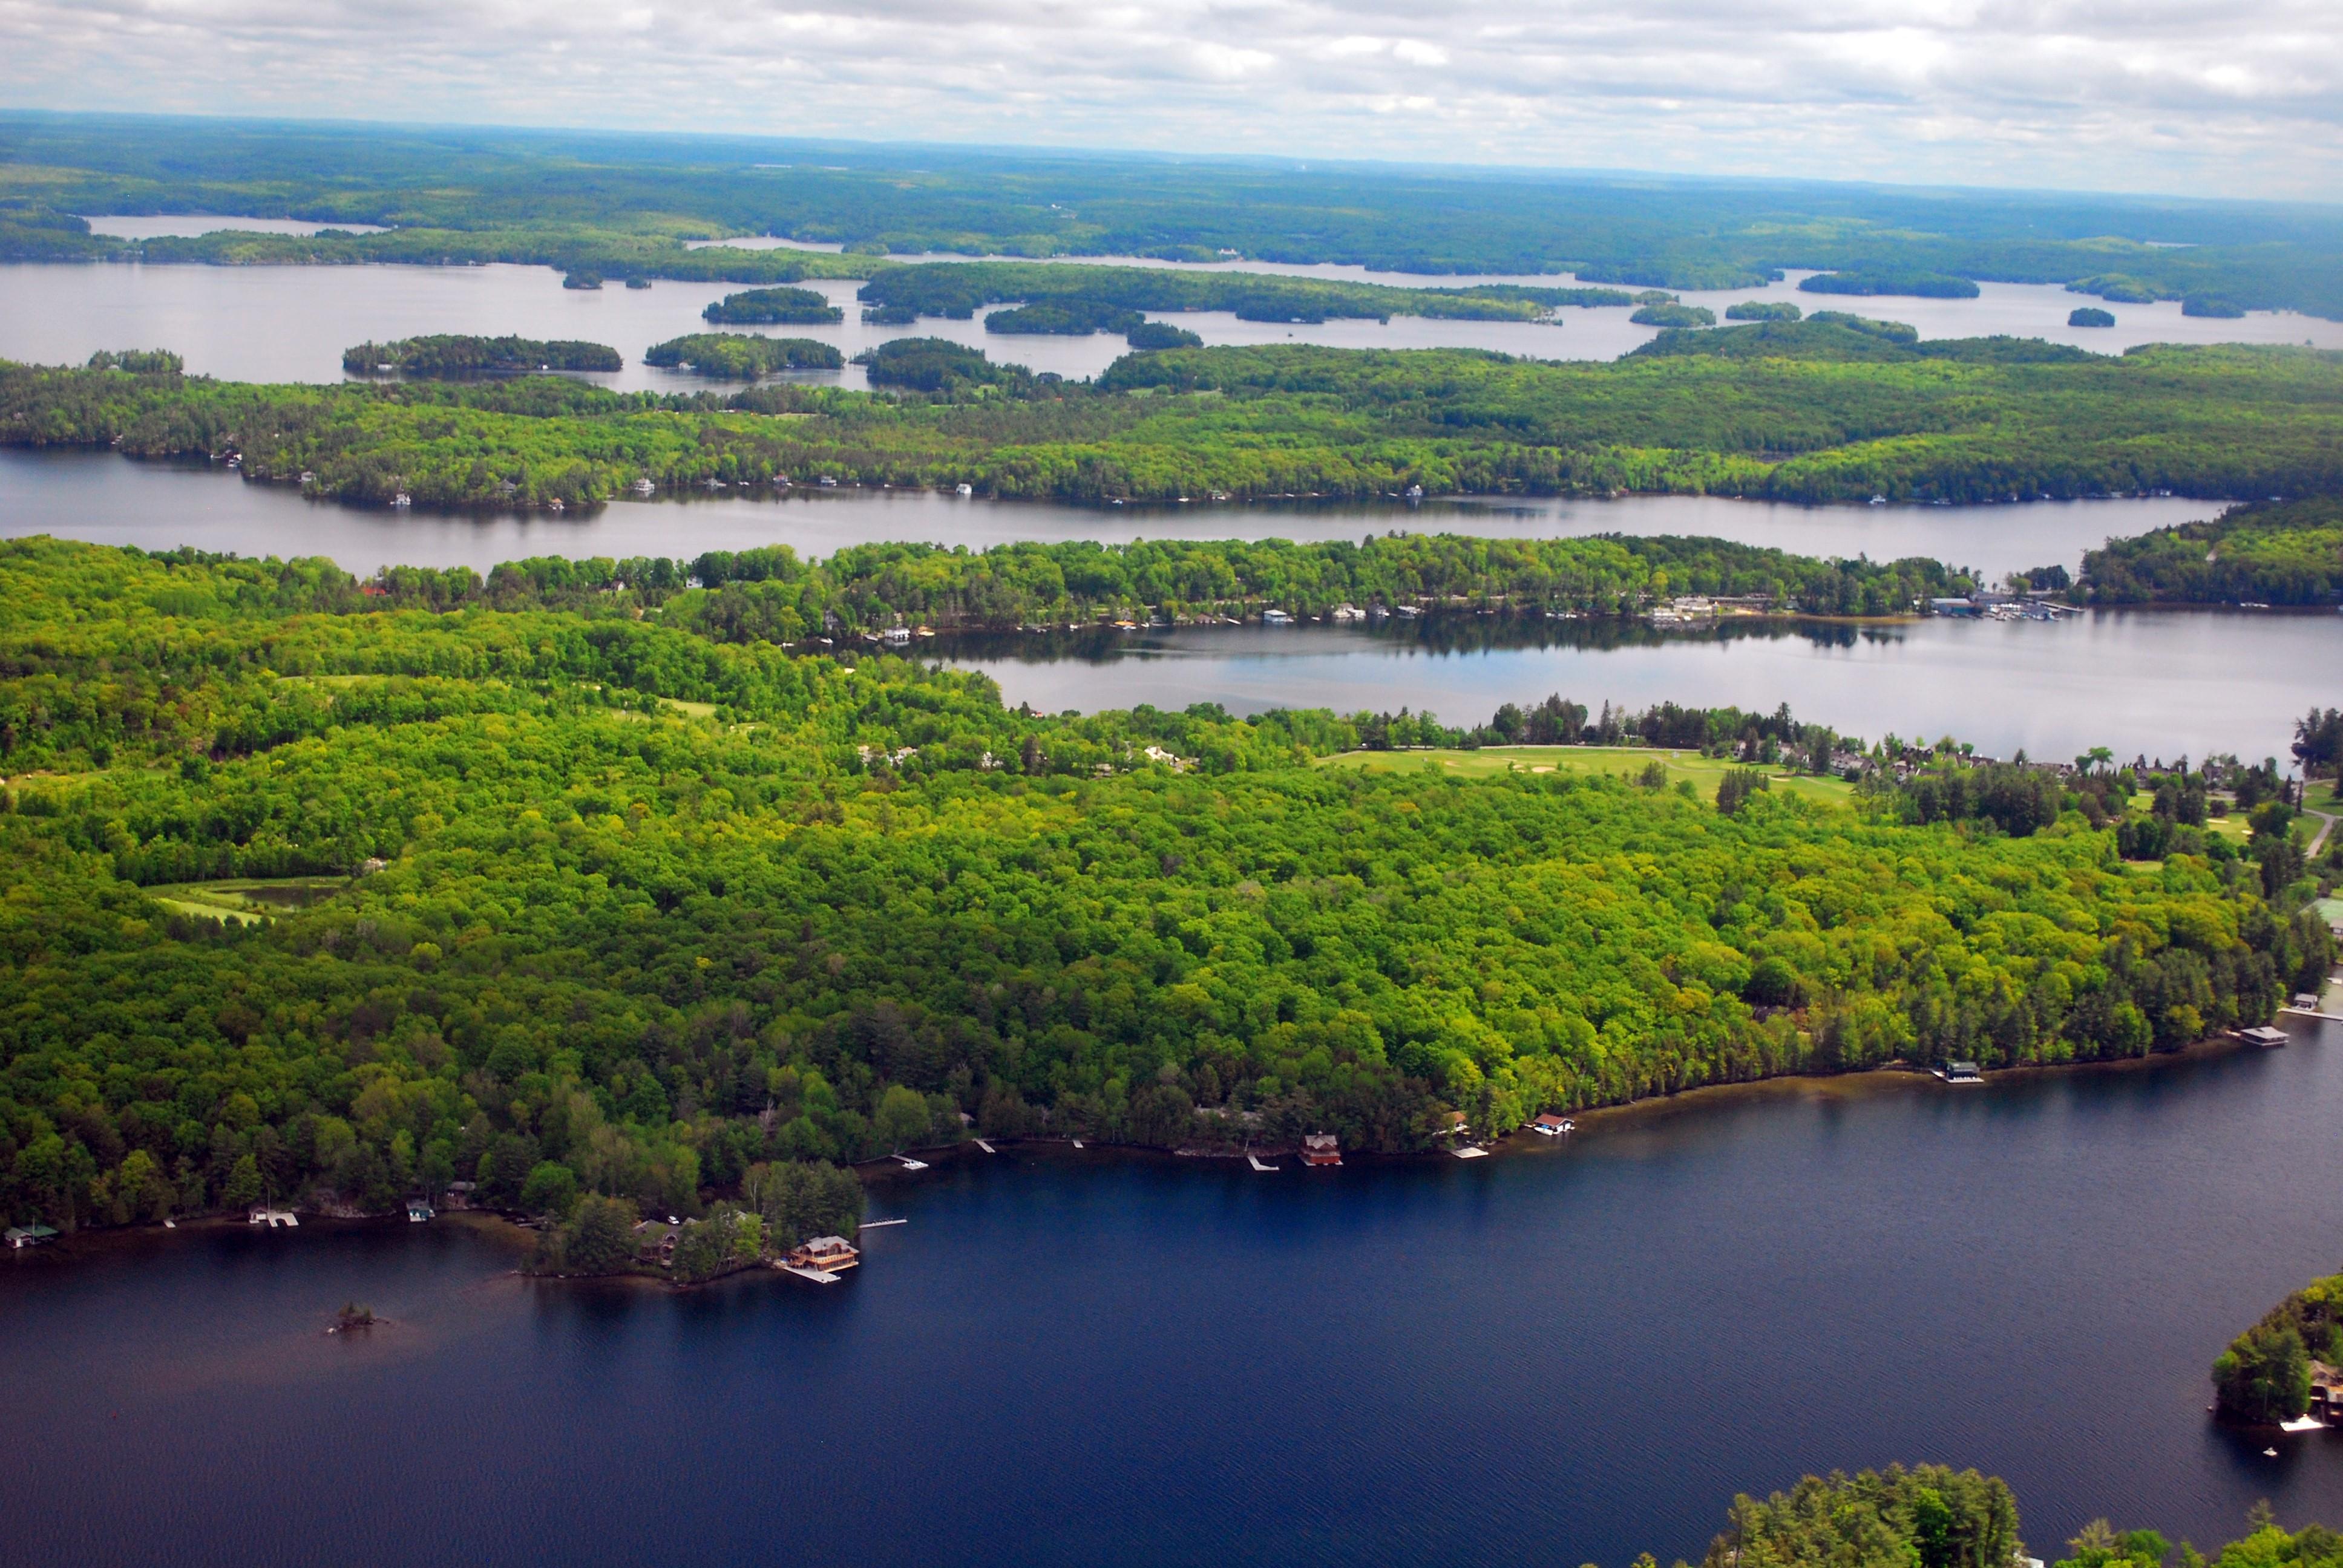 Vue aérienne des lacs et des îles à Muskoka